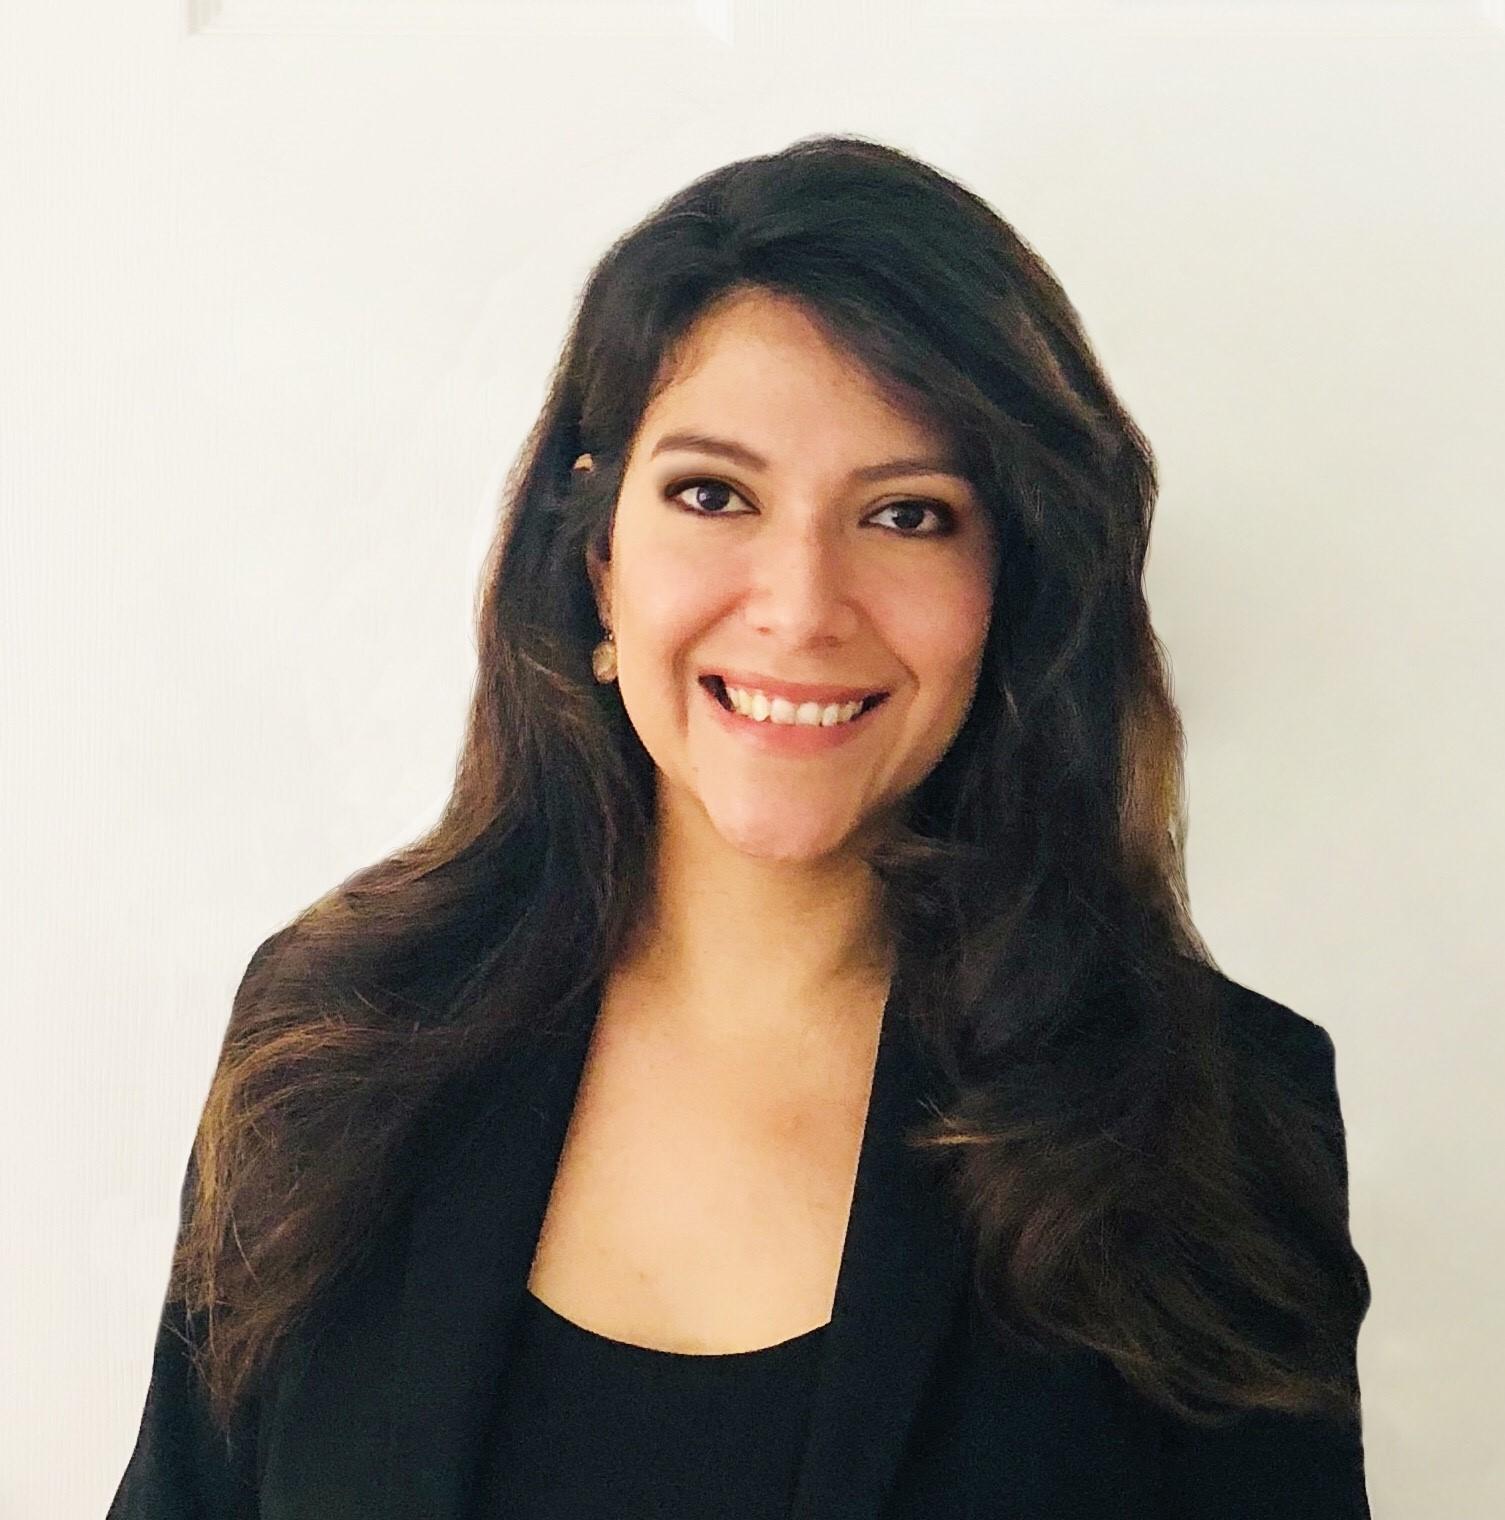 Cindy Olivarez